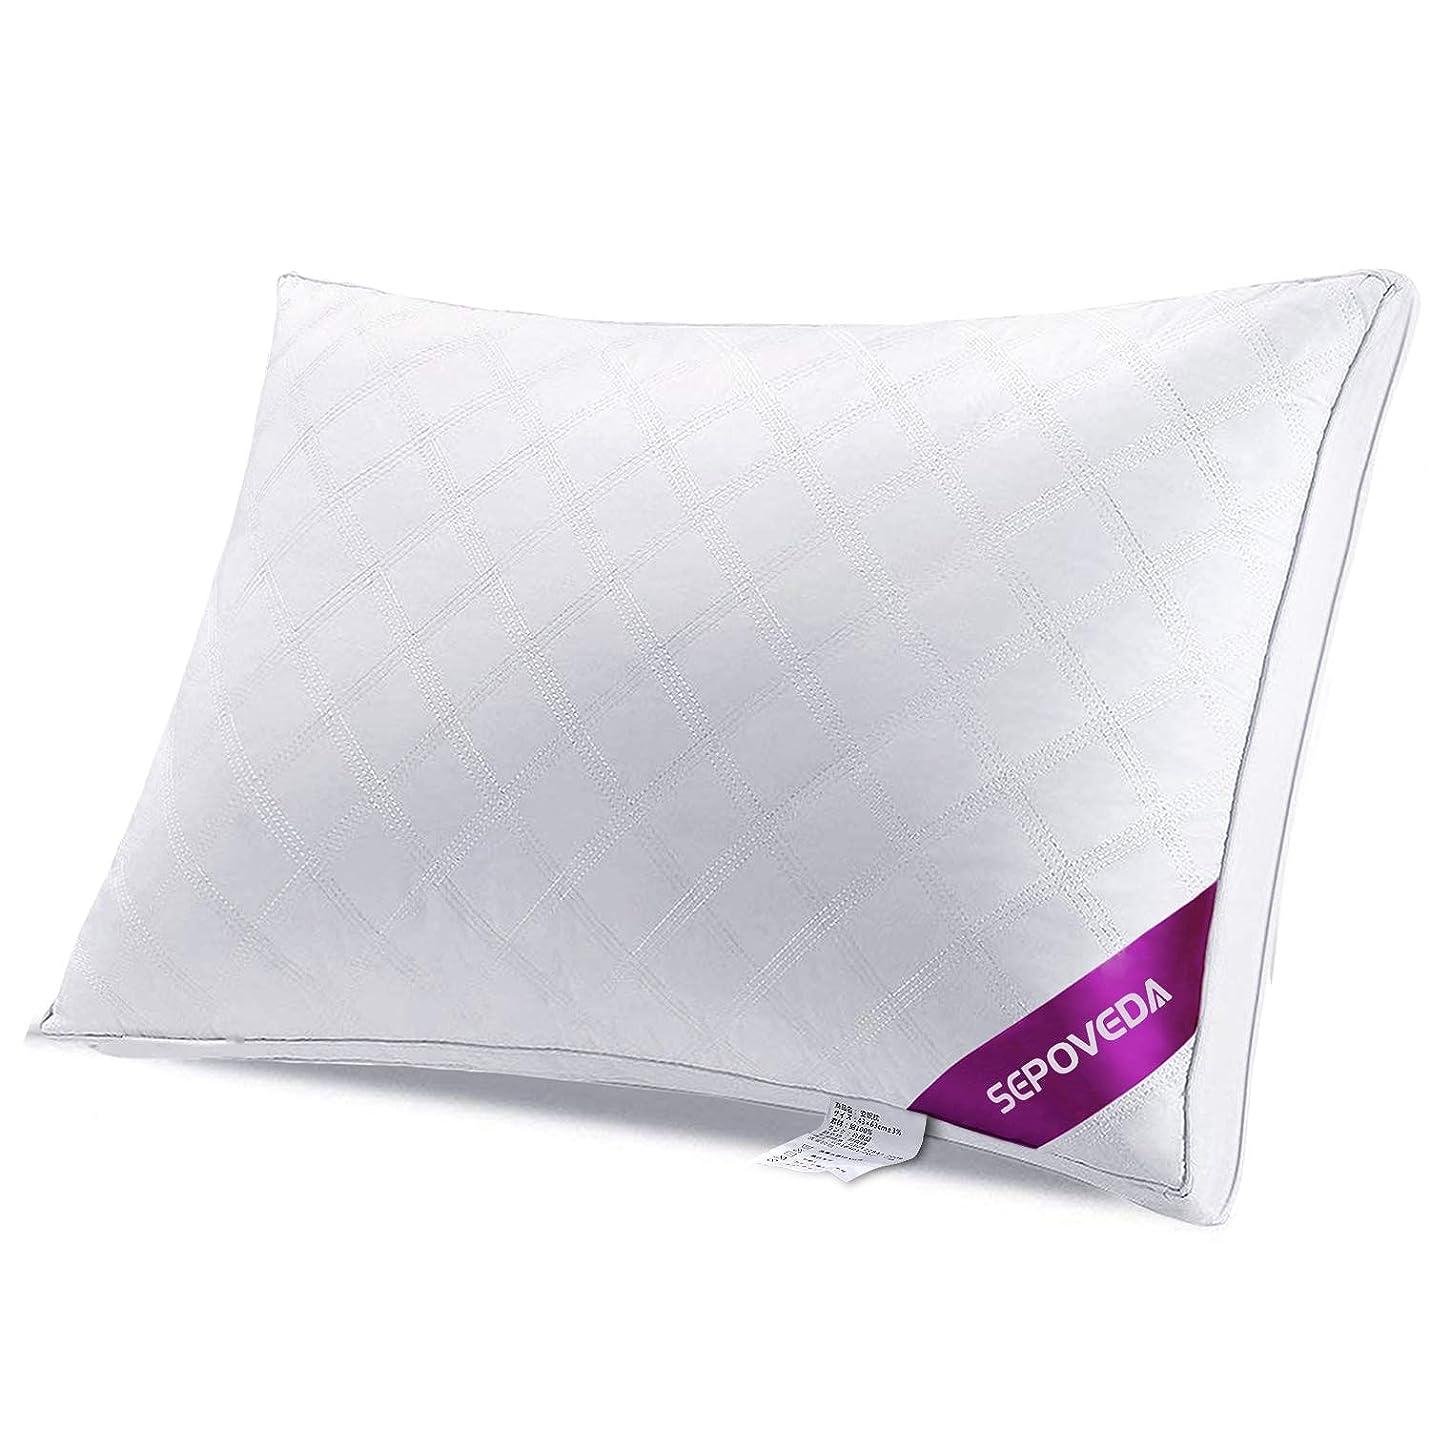 角度拍手する発動機Sepoveda 枕 安眠 人気 肩こり 快眠 高反発 洗える 横向き まくら 通気性抜群 ホワイト 頭痛改善 頚椎サポート ピロー ジャストサイズ